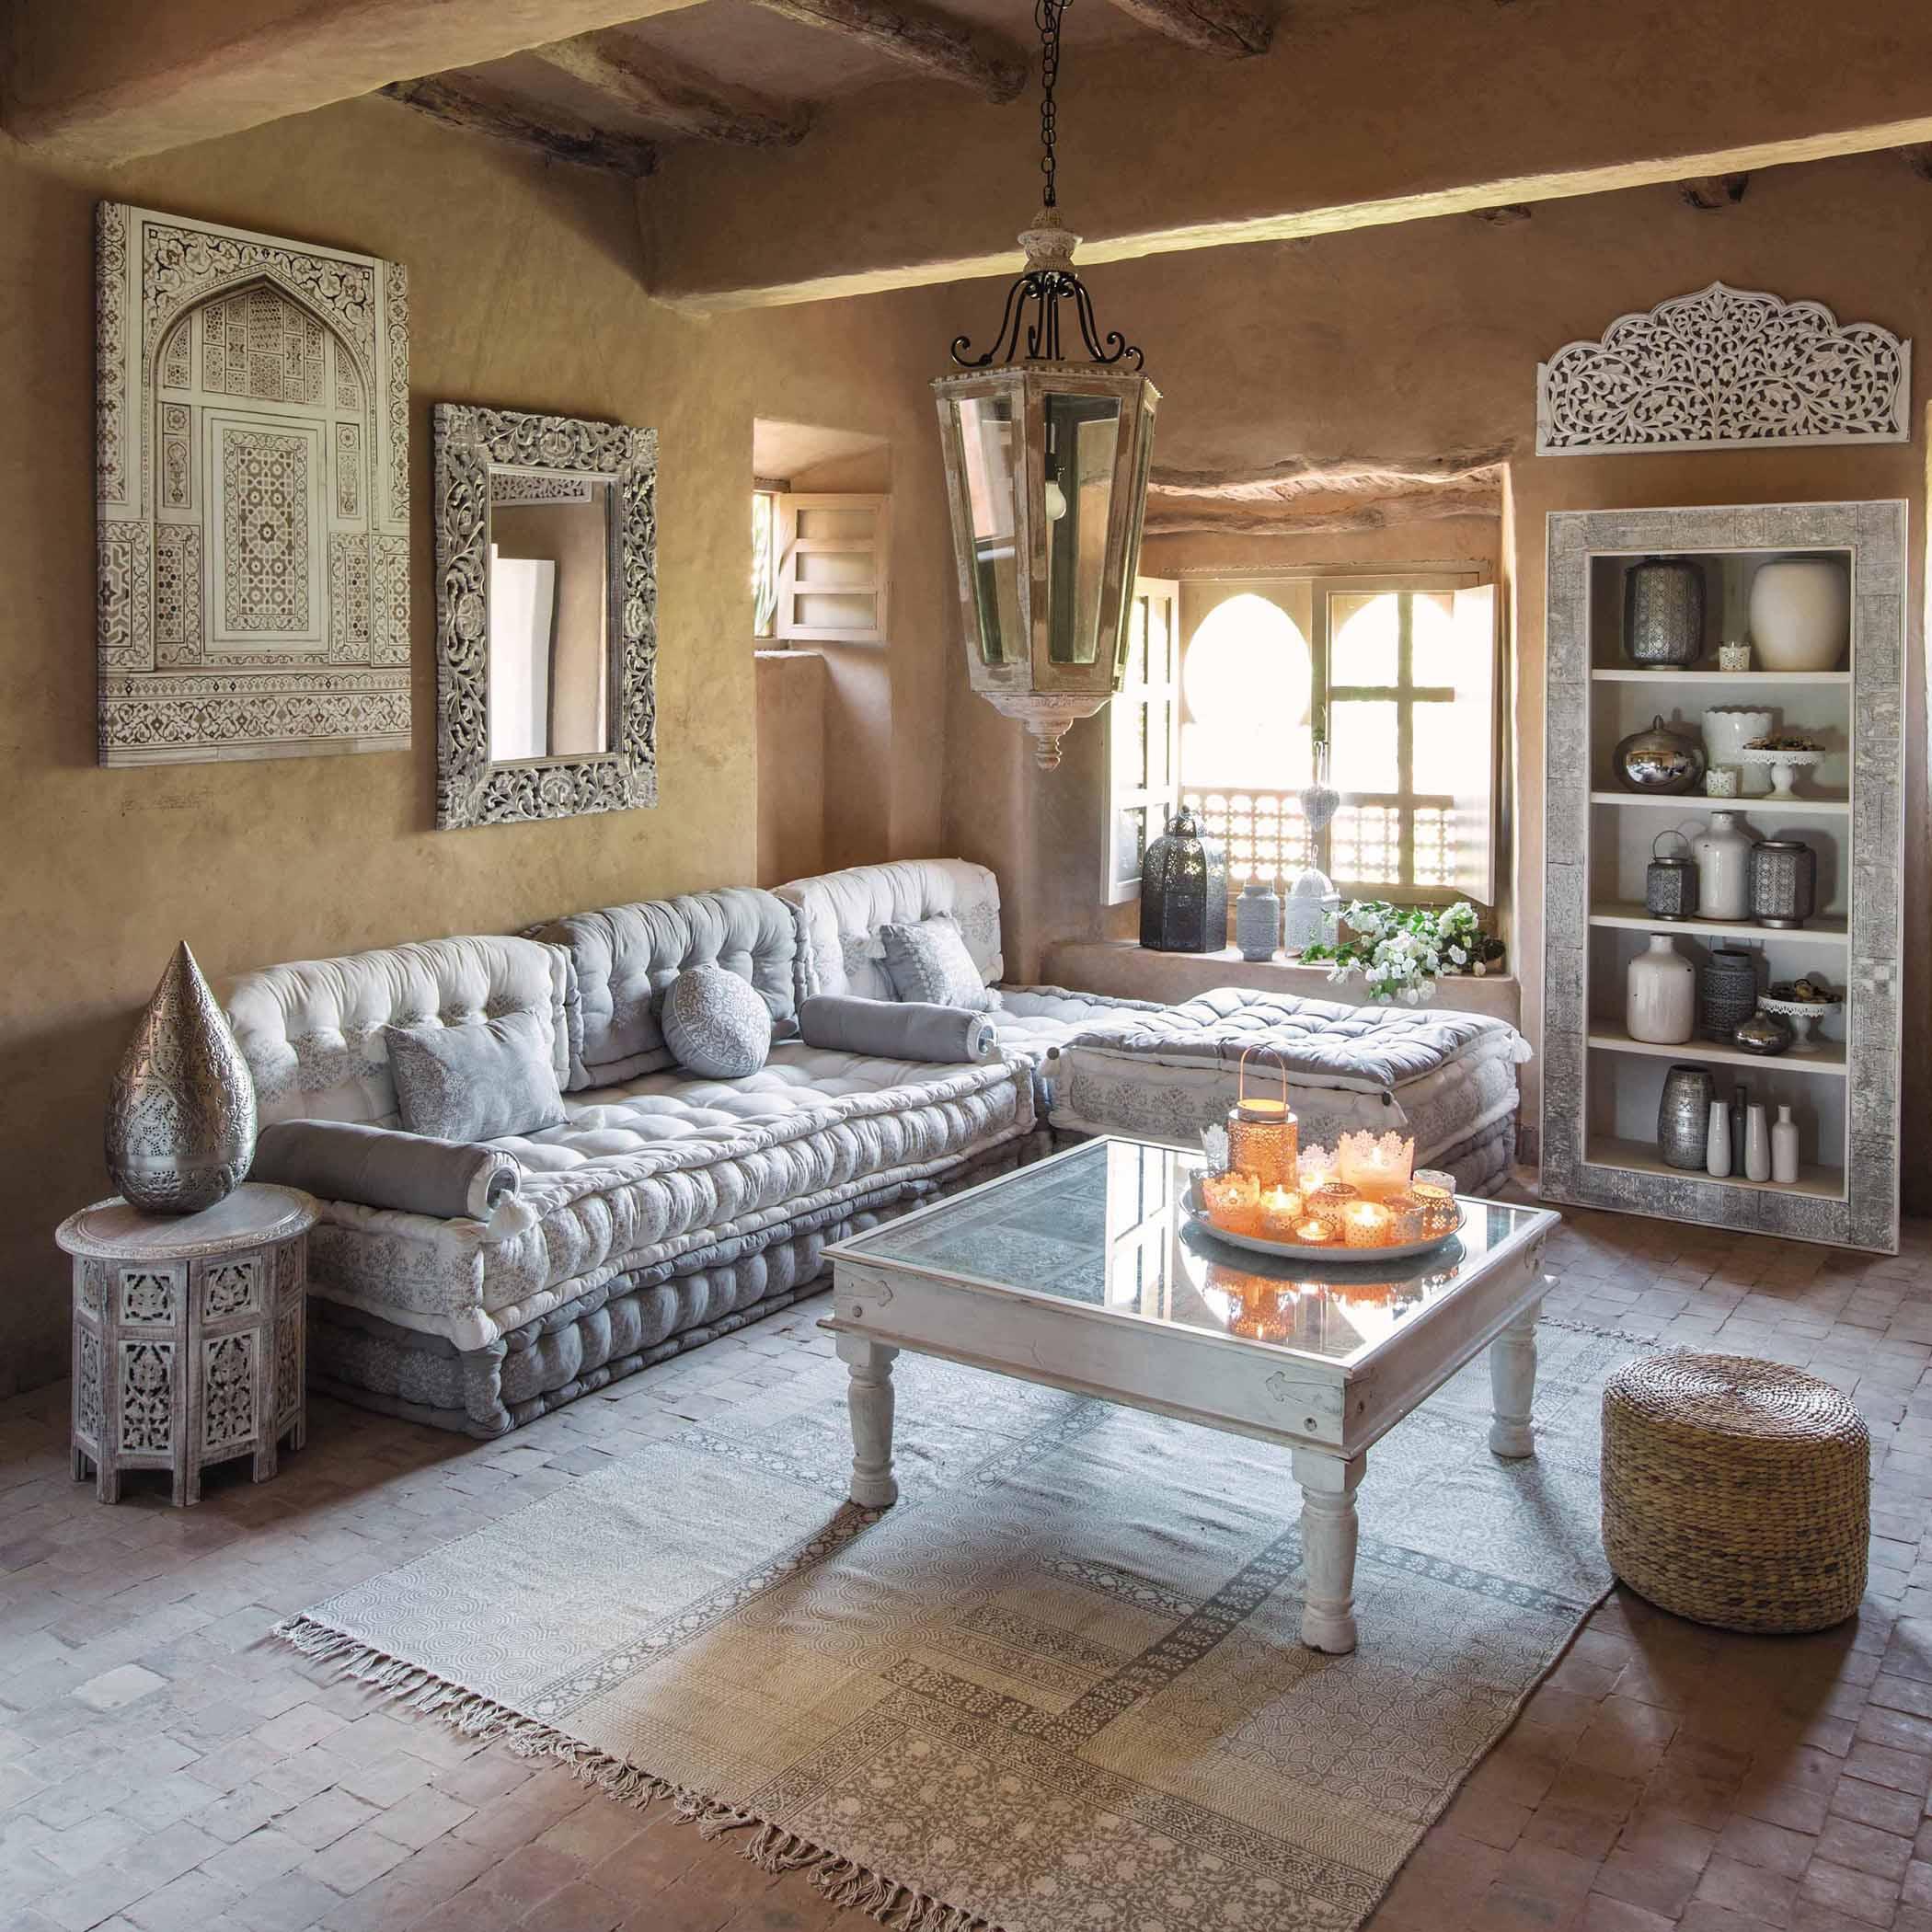 Marokkanischer Stil Modern Interpretiert Couchtisch Beistelltisch Teppich Wandschrank Pouf Wandspiegel